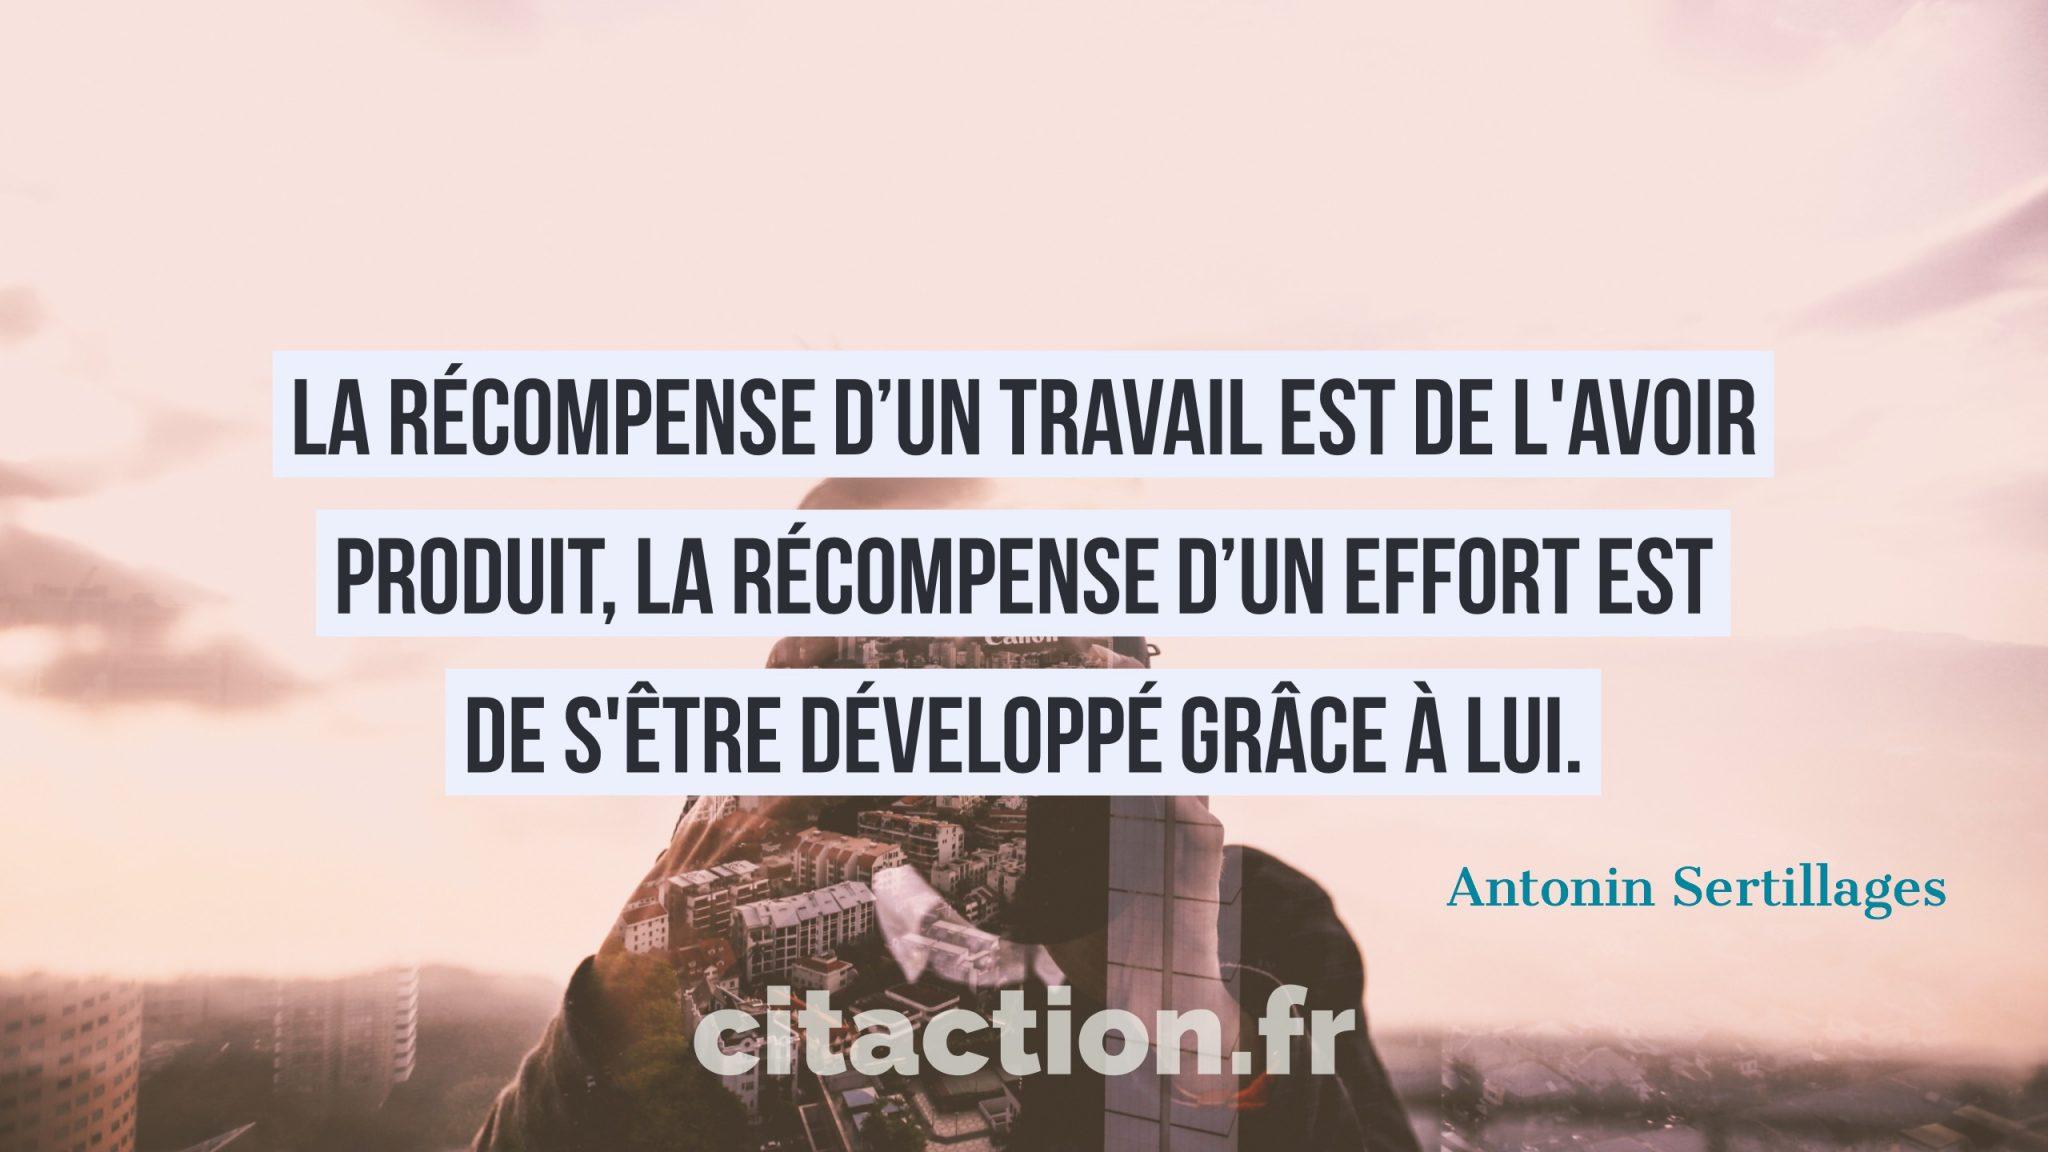 La récompense d'un travail est de l'avoir produit, la récompense d'un effort est de s'être développé grâce à lui